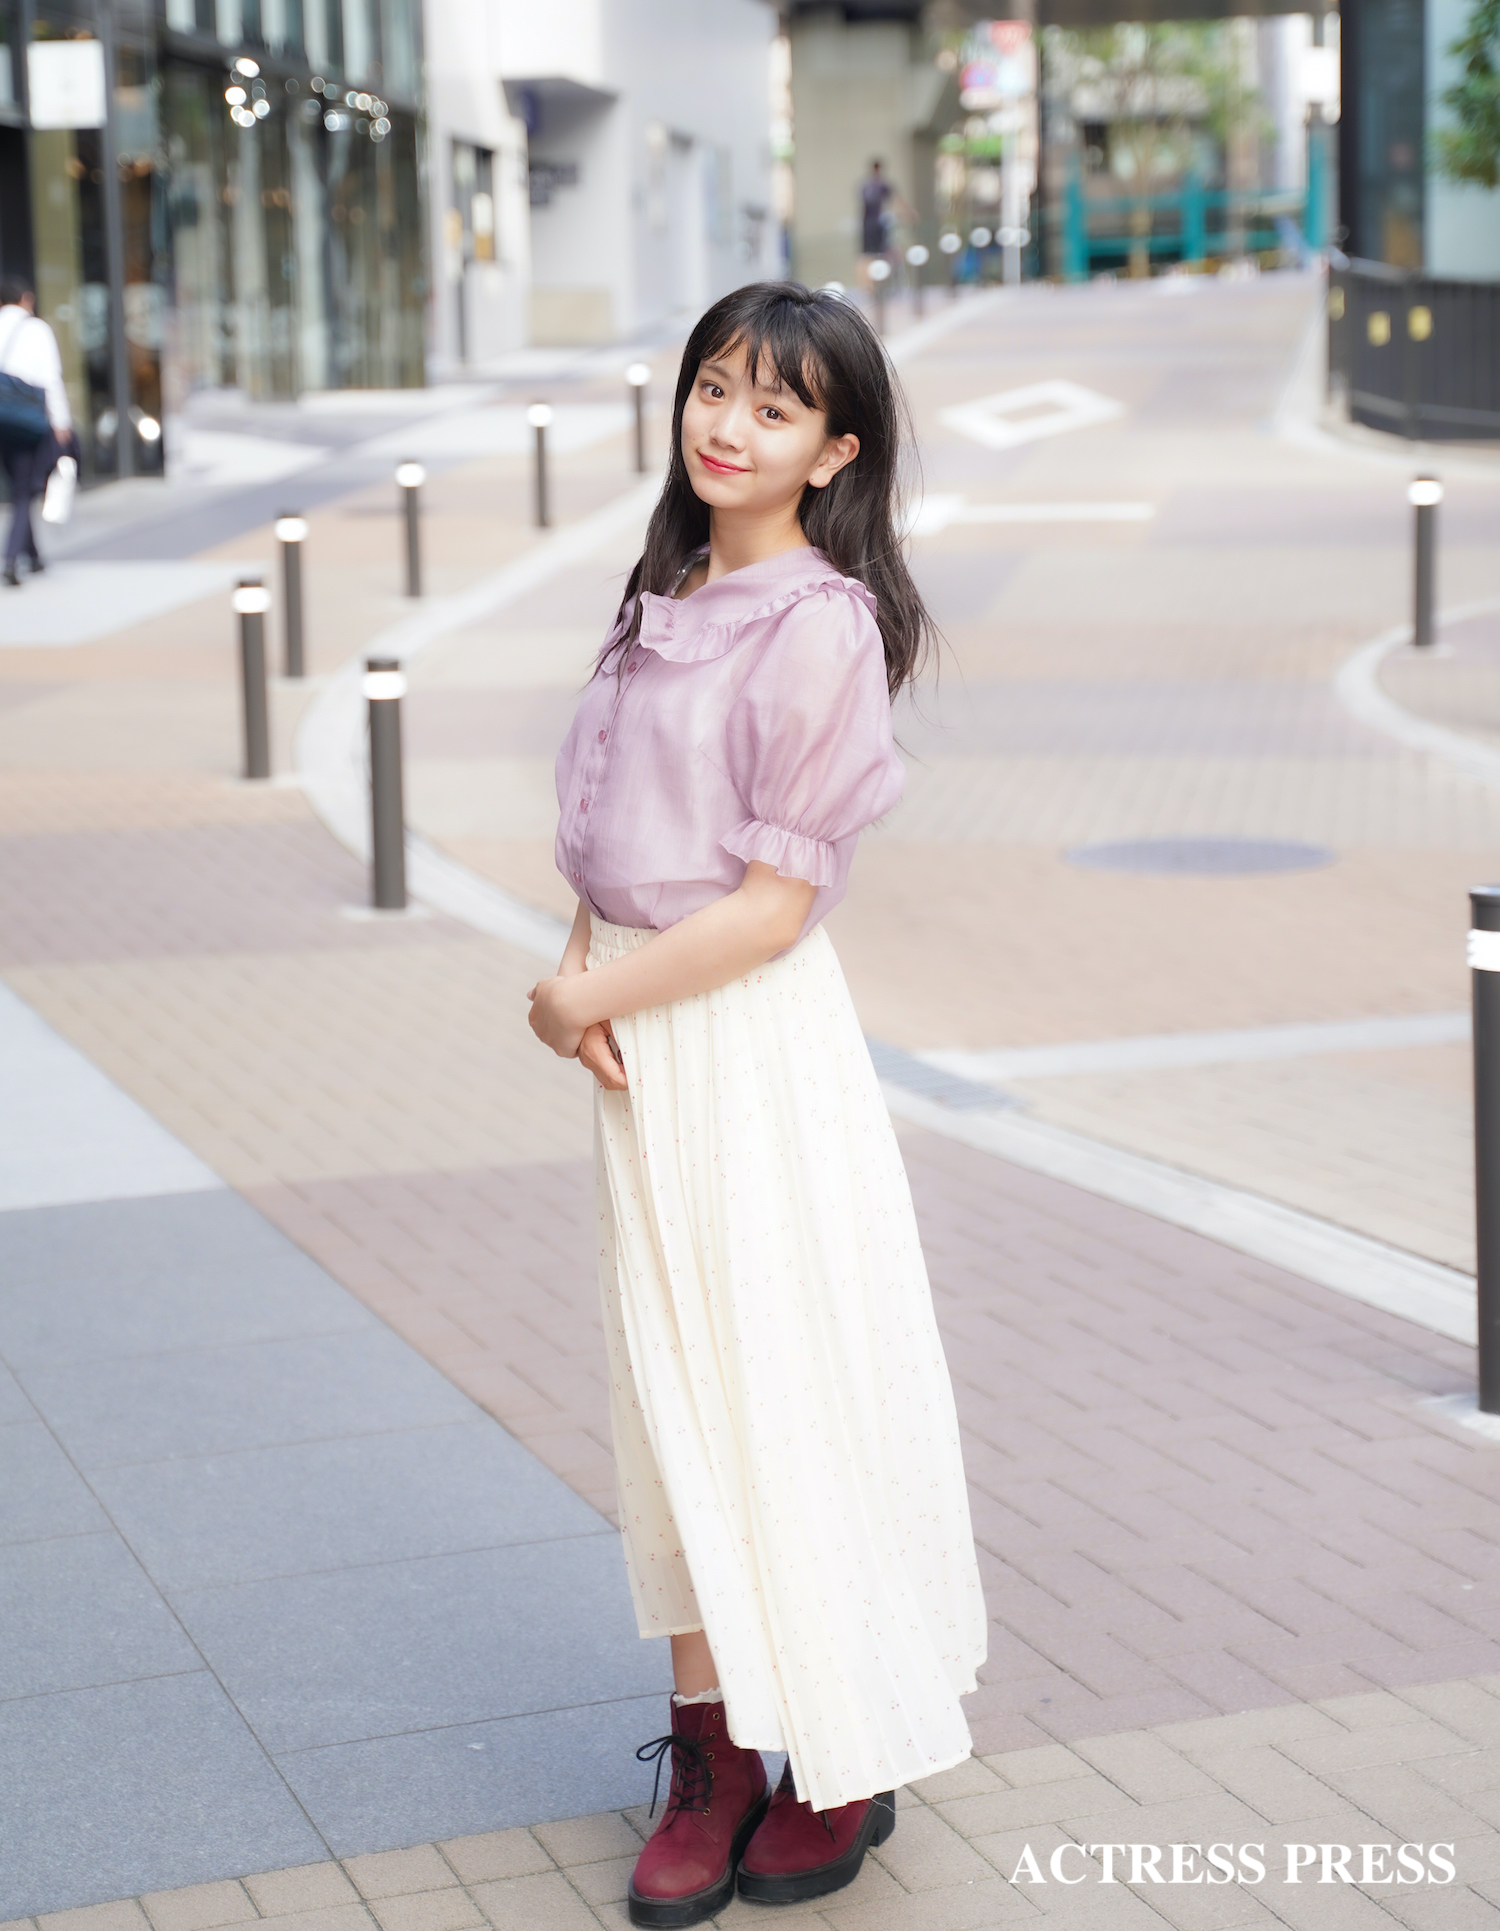 村田万葉/2020年7月、東京・渋谷にて/撮影:ACTRESS PRESS編集部